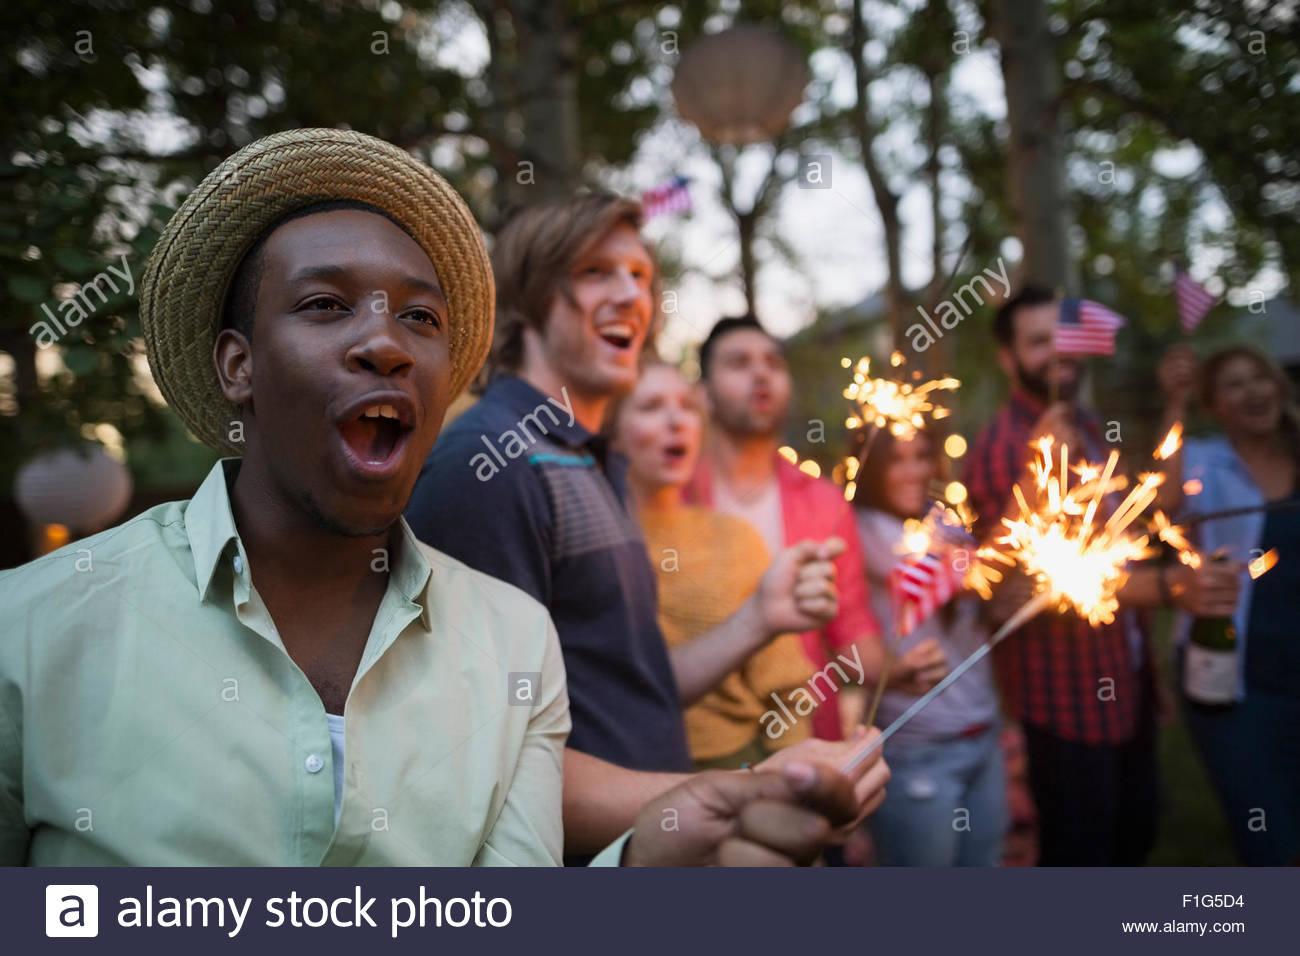 Amigos con estrellitas vítores fiesta del 4 de julio Imagen De Stock